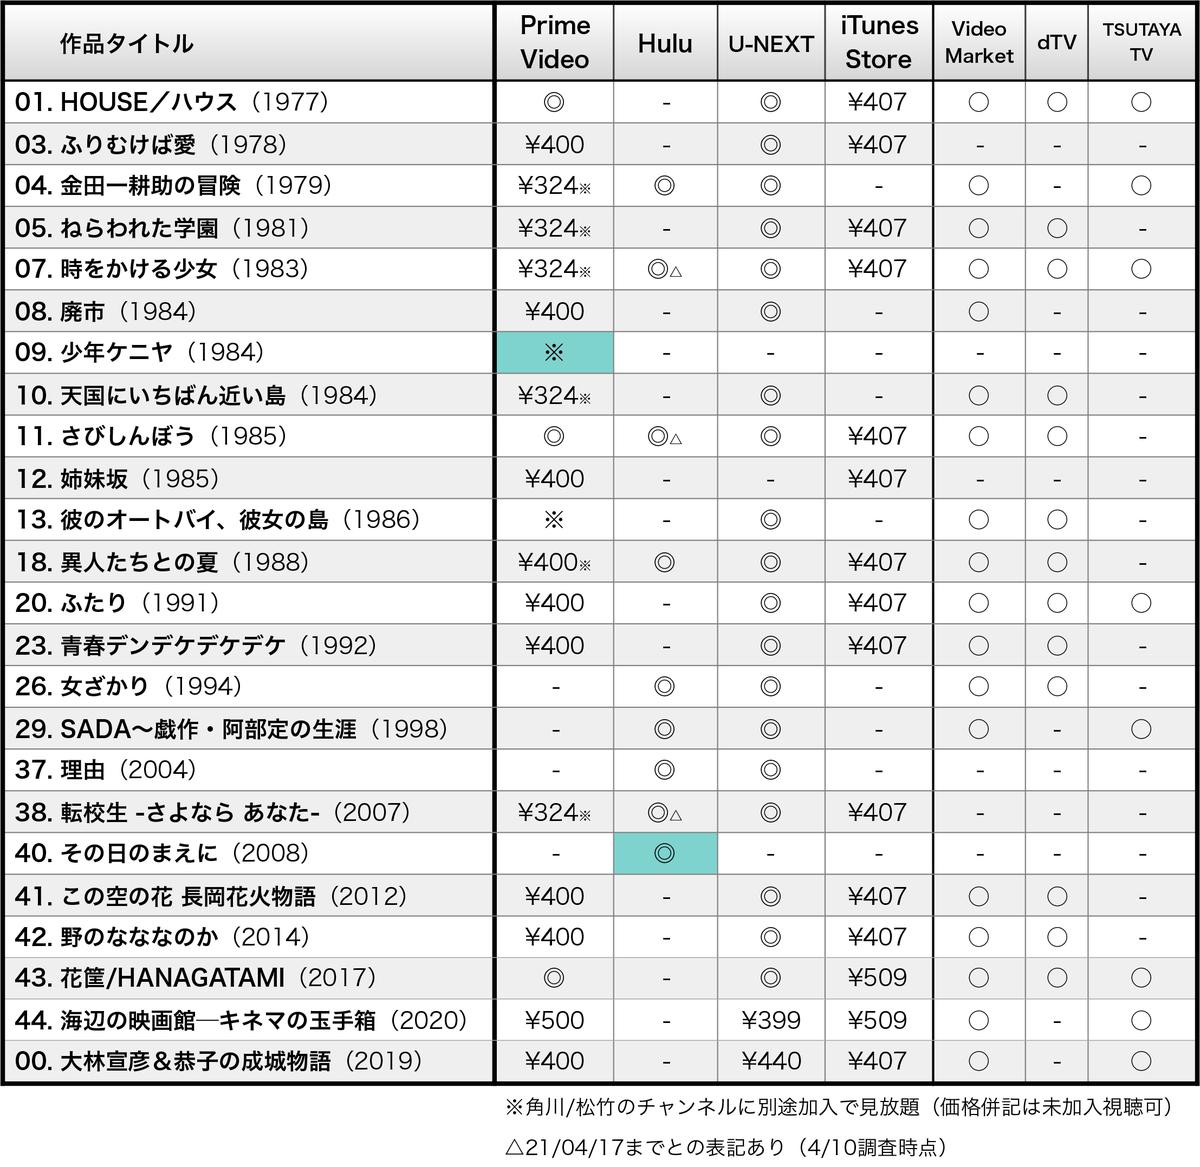 【リスト画像】動画配信サービスで観れる大林宣彦監督作品23+1本